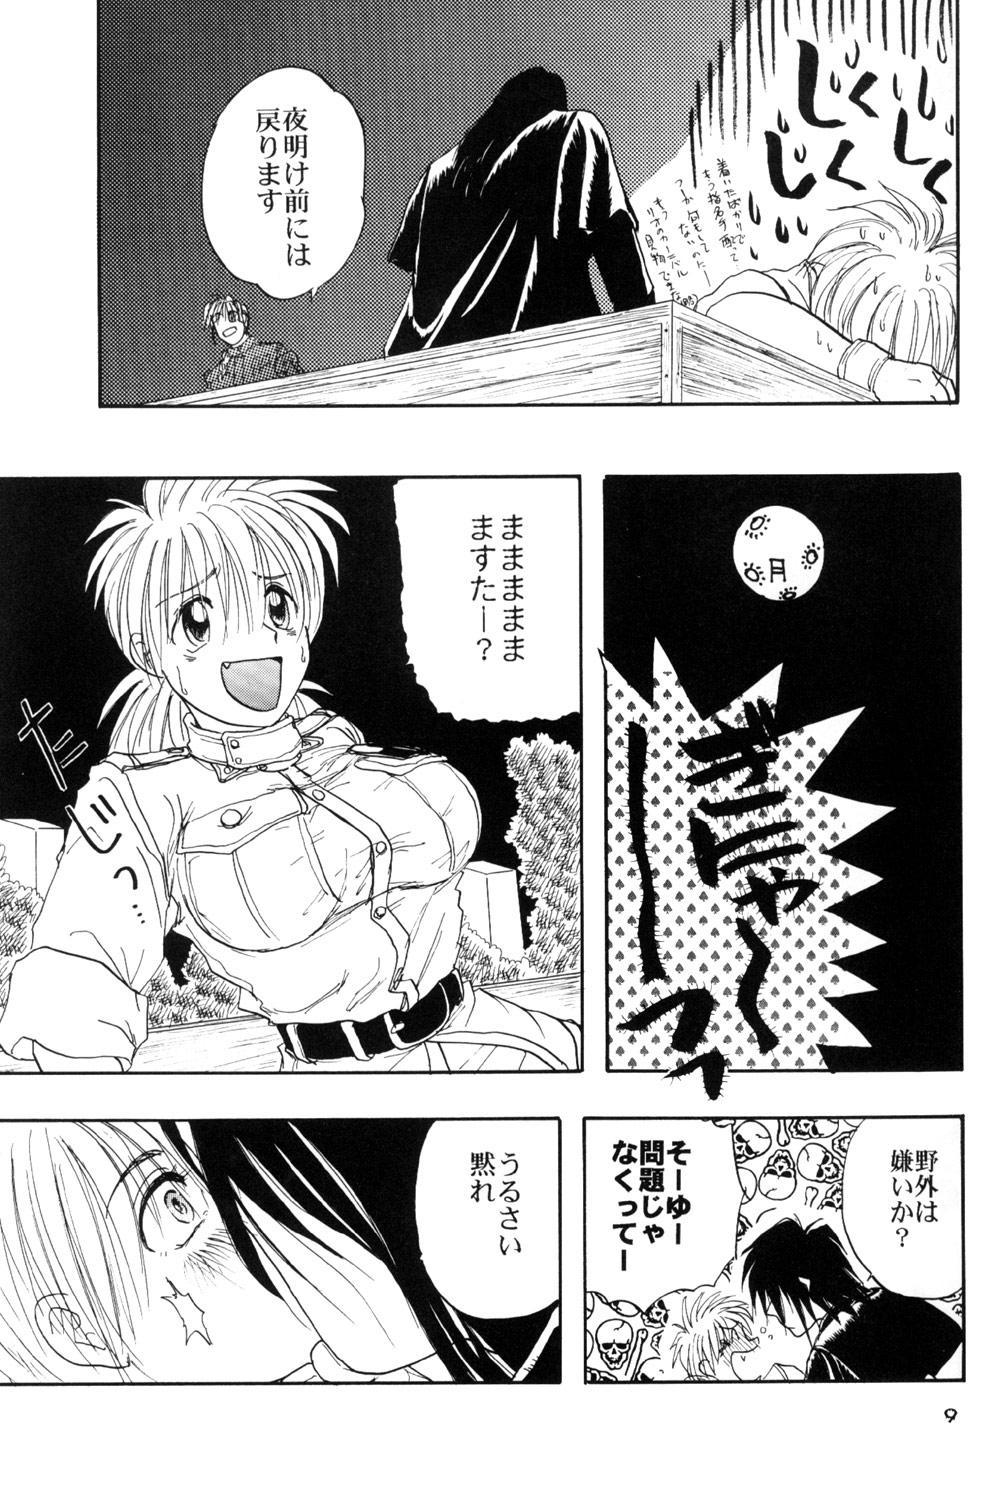 Hitsugi o Tataku Onna 10